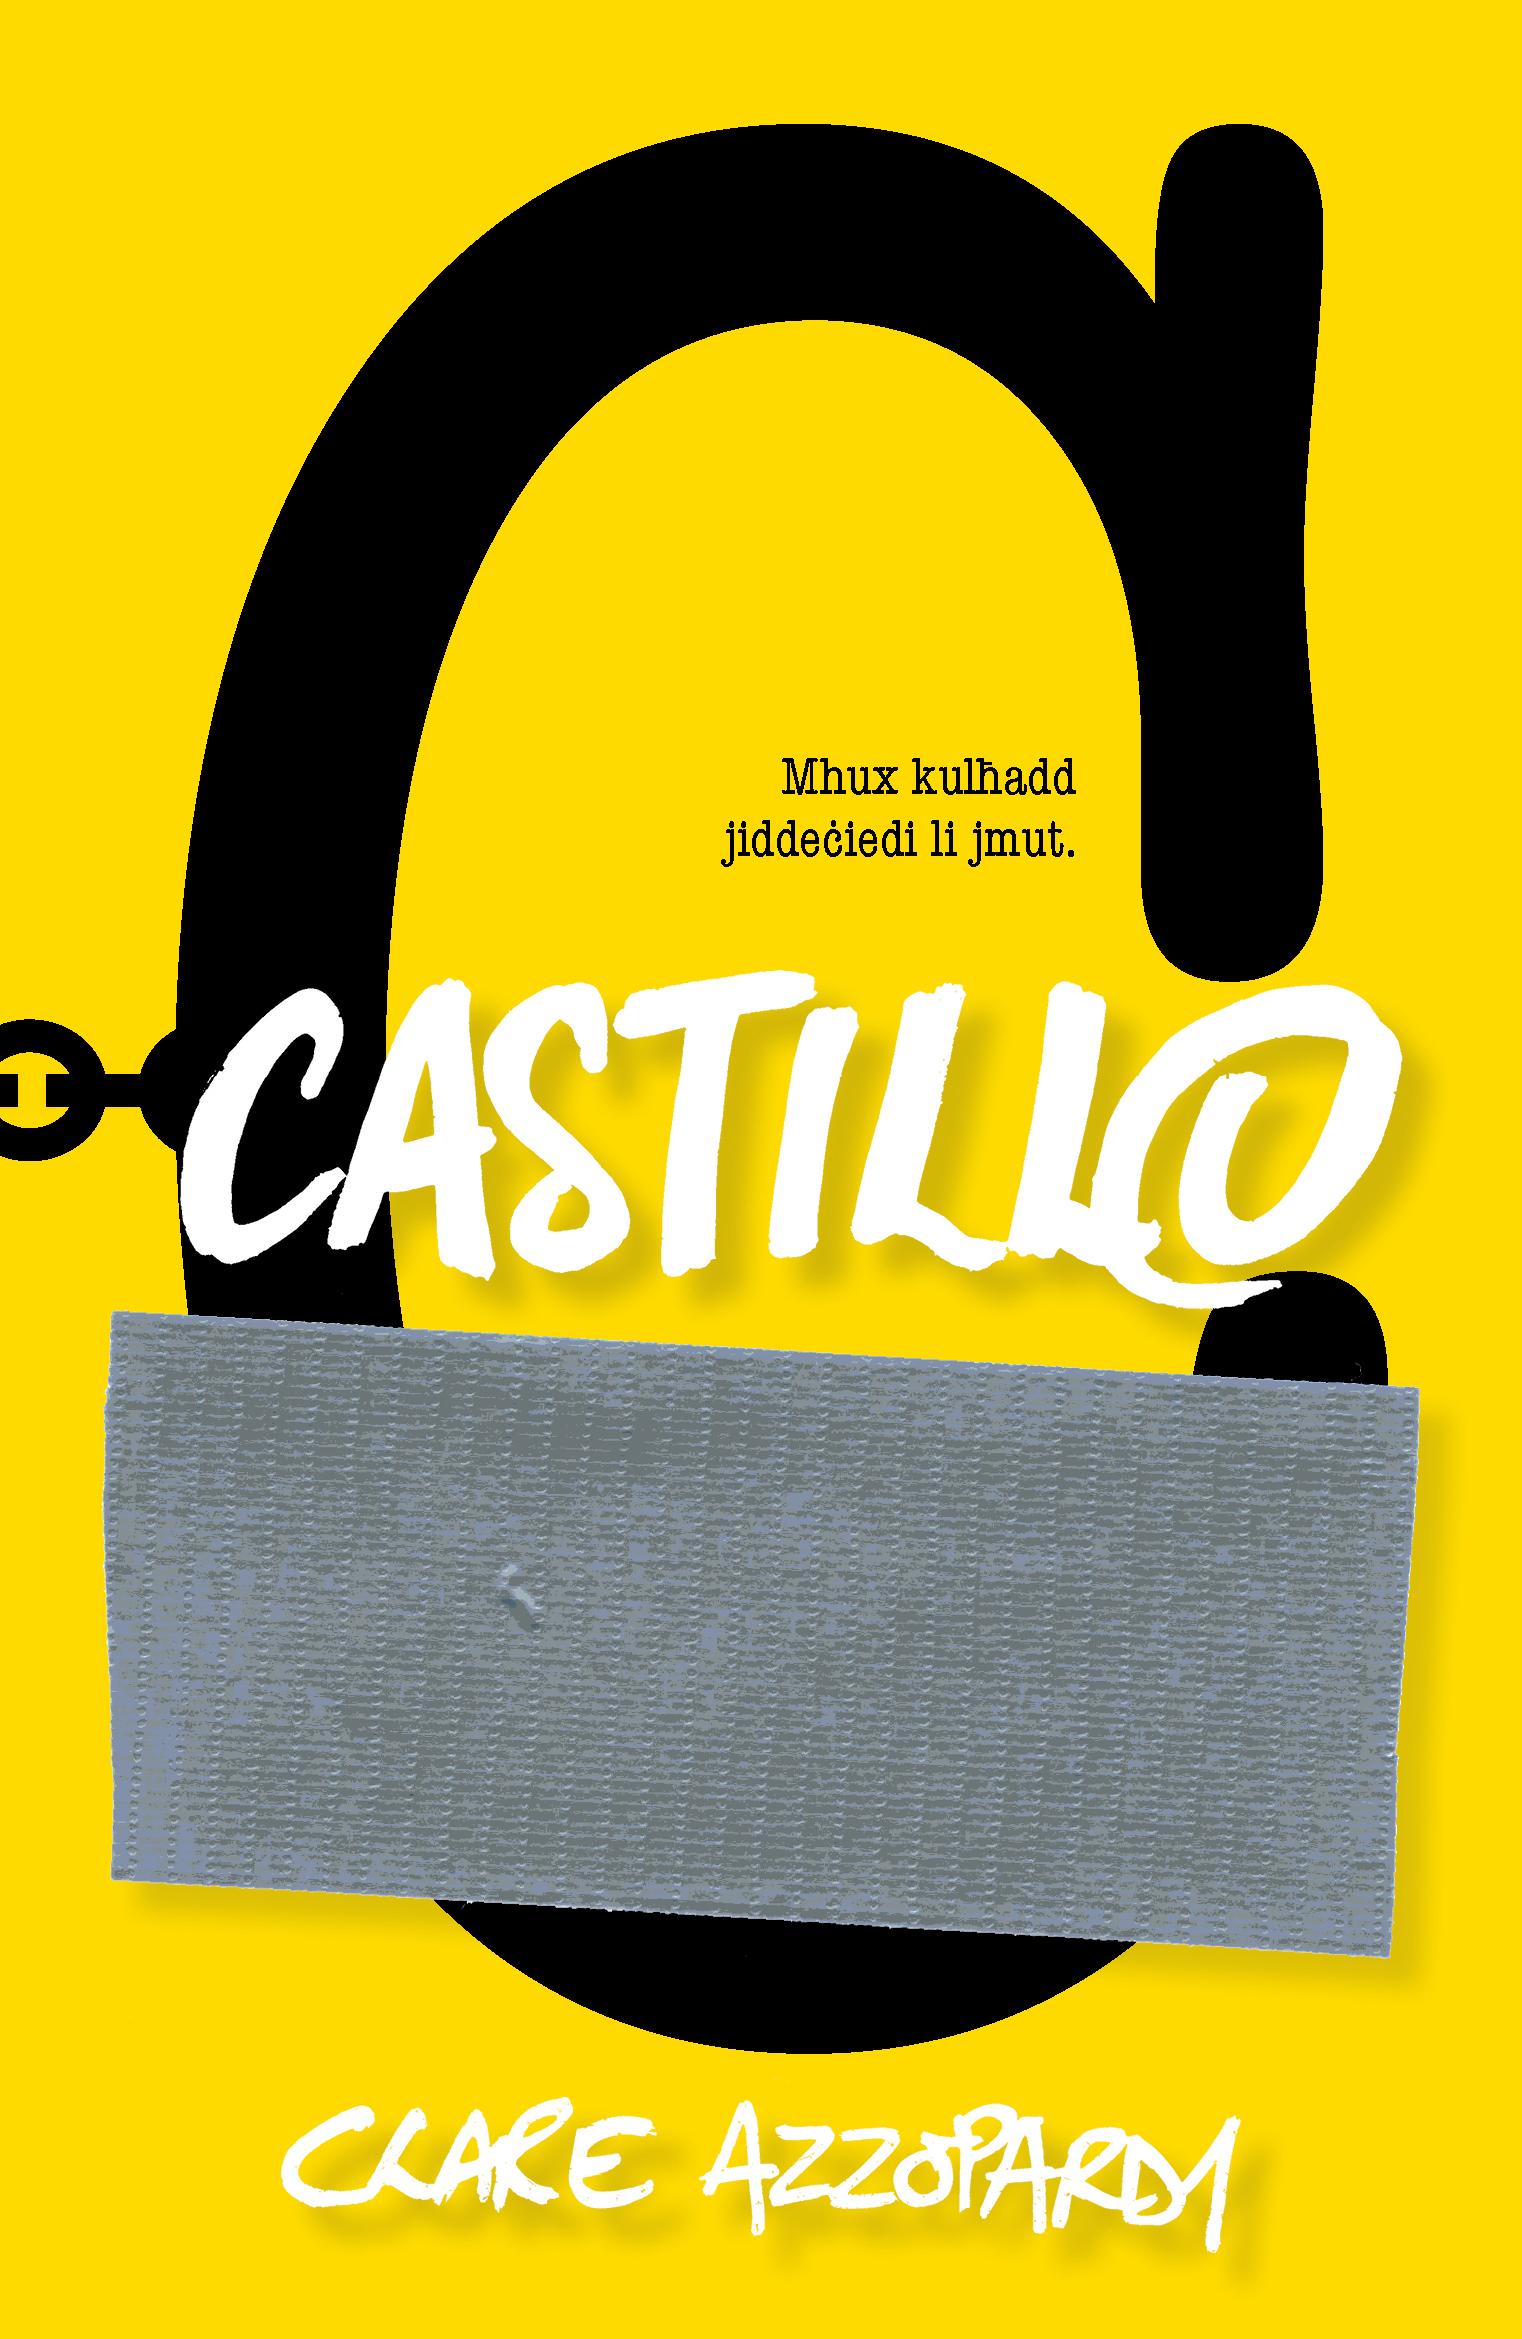 castillo cover for pr.jpg